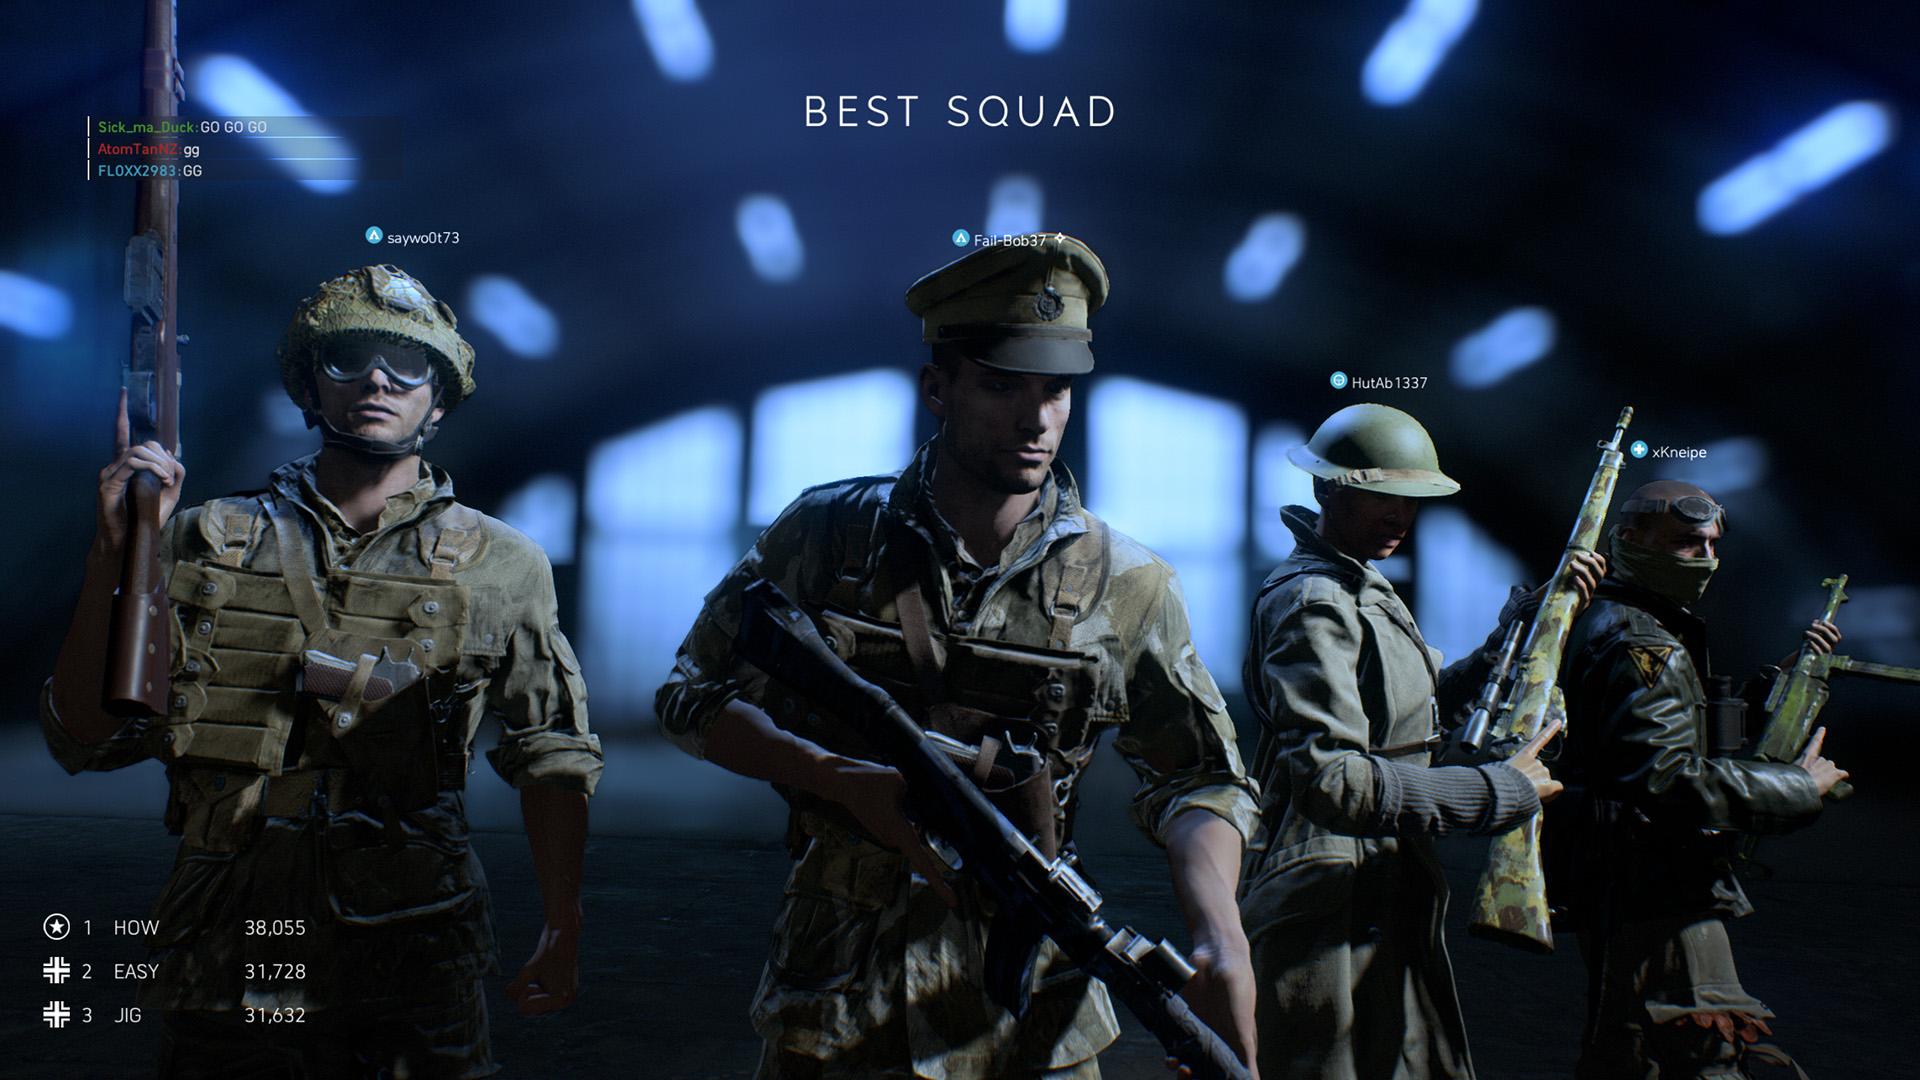 Battlefield V Screenshot 2018_0006_Battlefield V Screenshot 2018.11.11 - 20.56.23.96.jpg